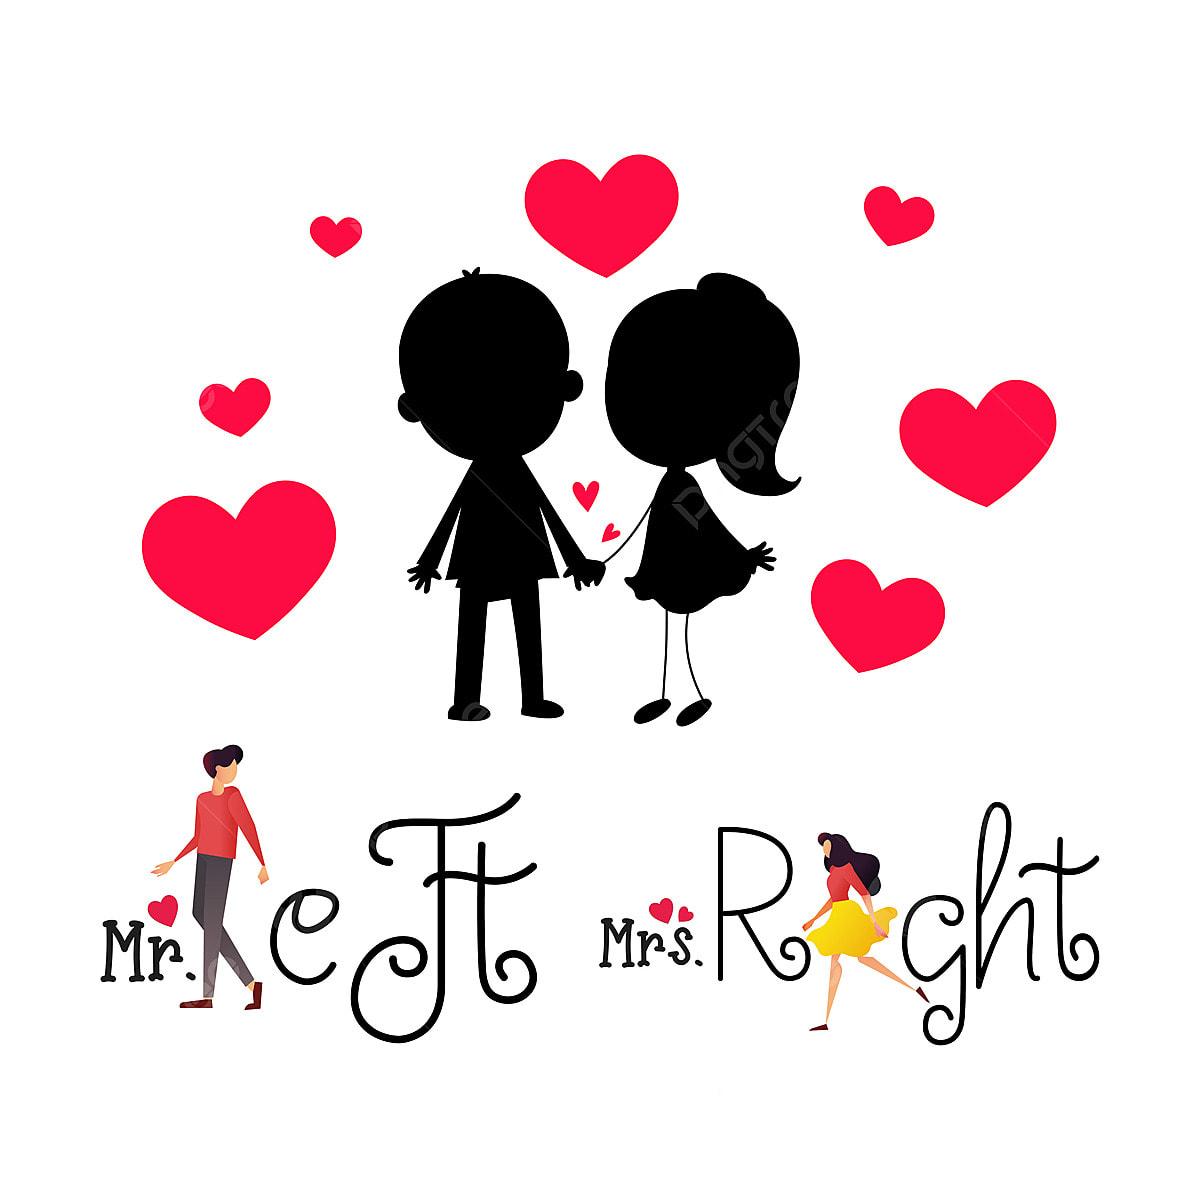 Amor Amor Vector Amor Regalos Romantico Png Y Vector Para Descargar Gratis Pngtree